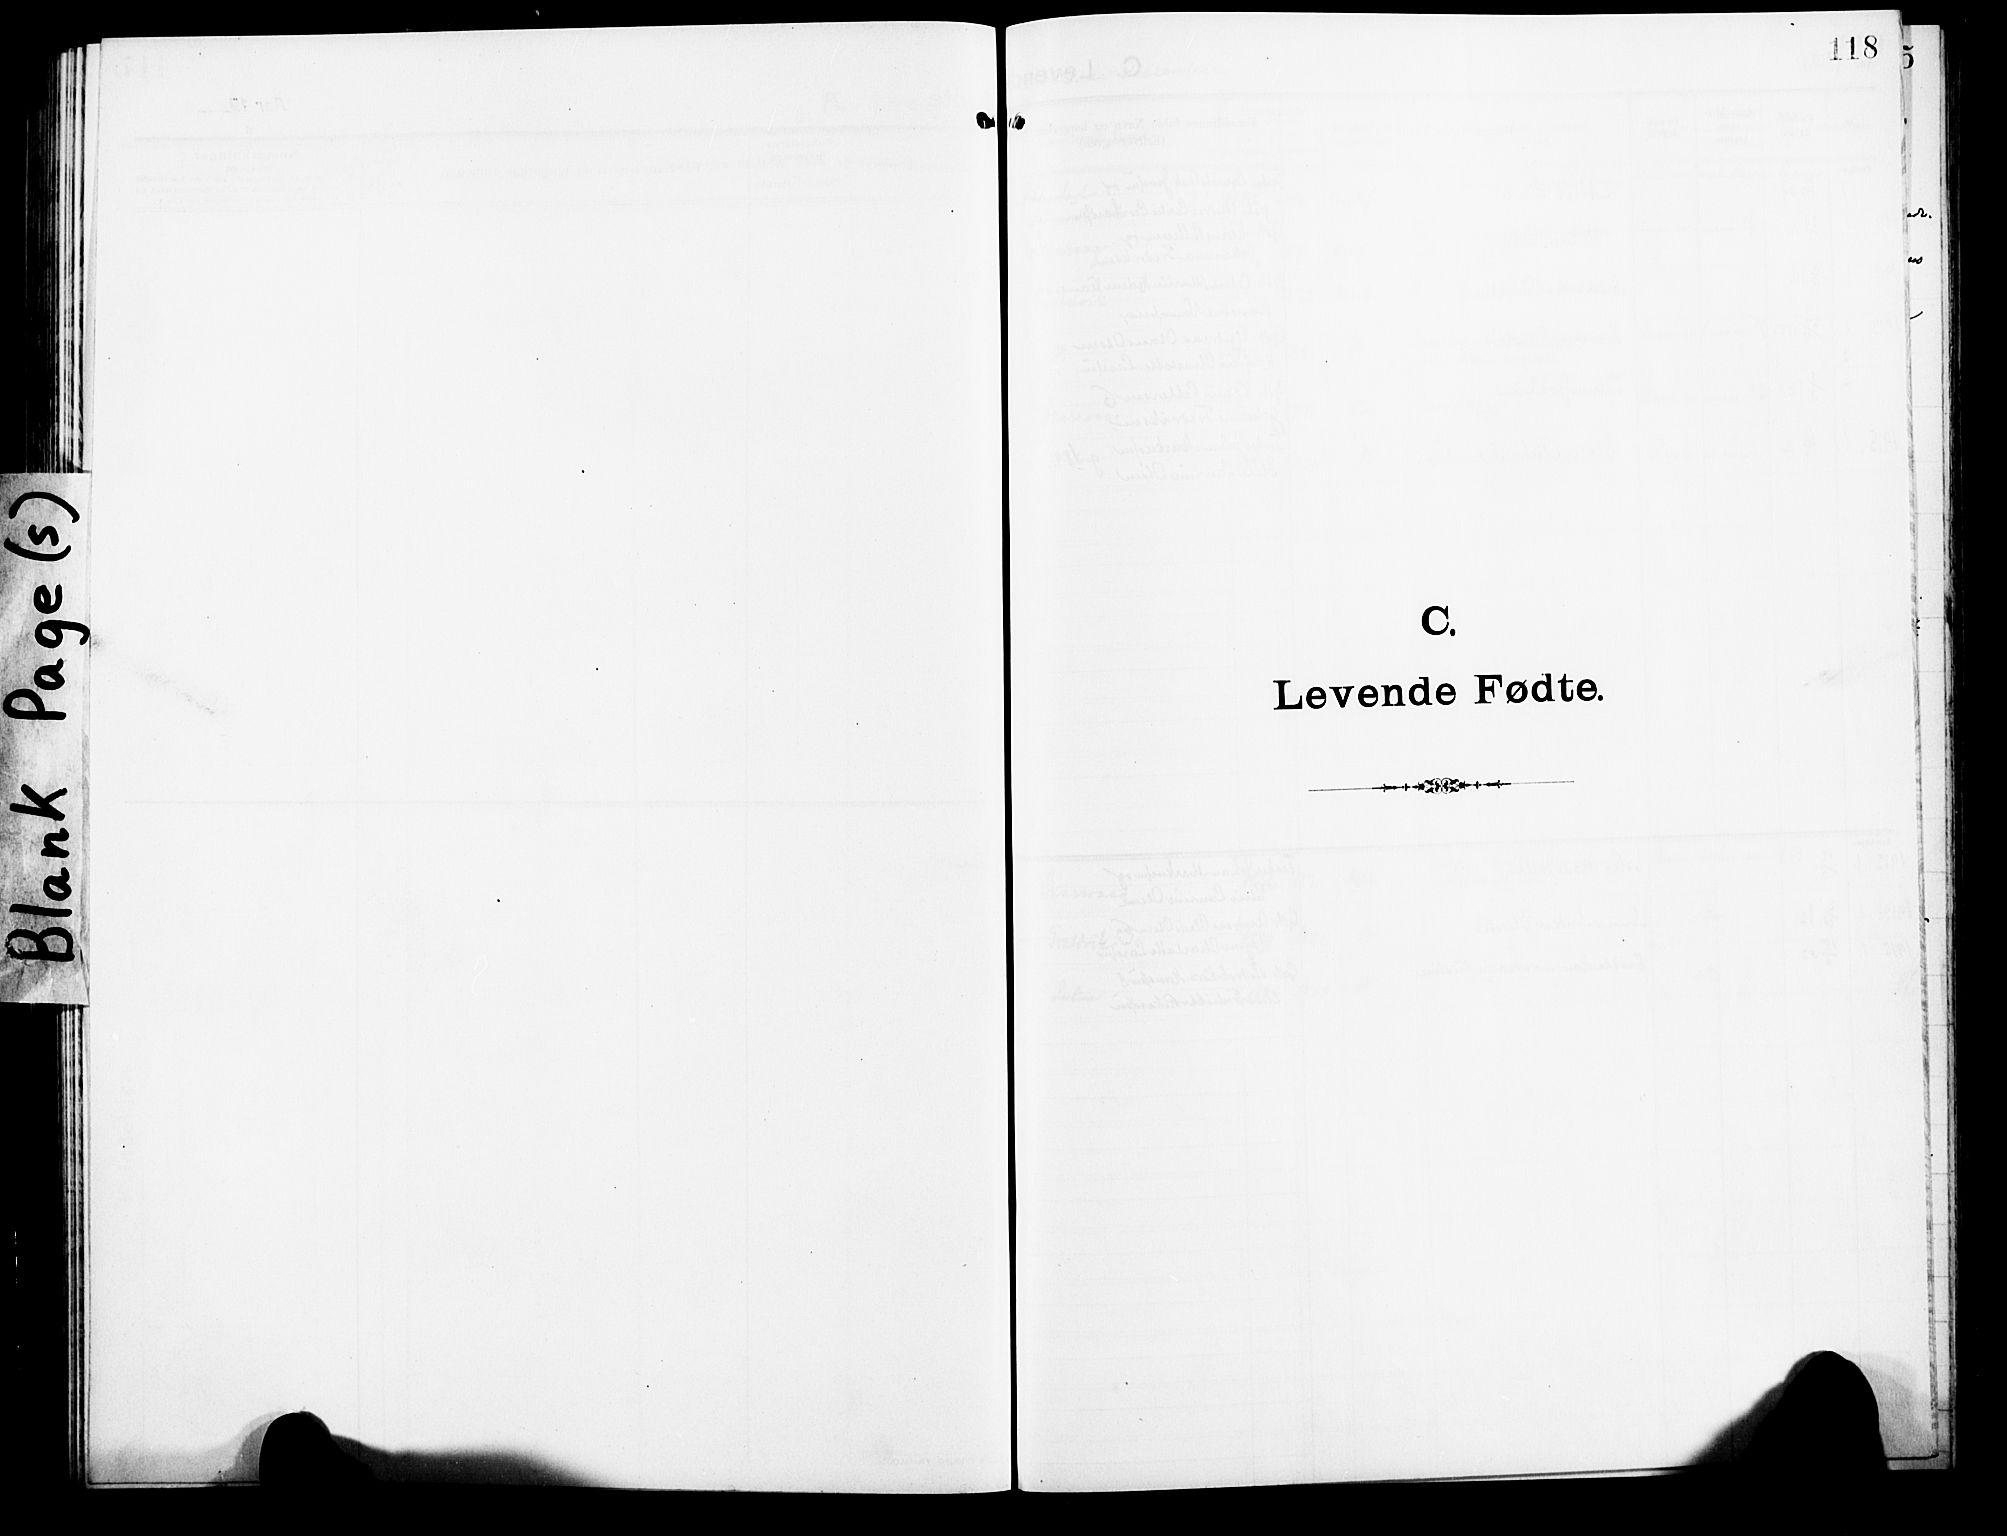 SATØ, Lenvik sokneprestembete, H/Ha: Klokkerbok nr. 9, 1912-1926, s. 118